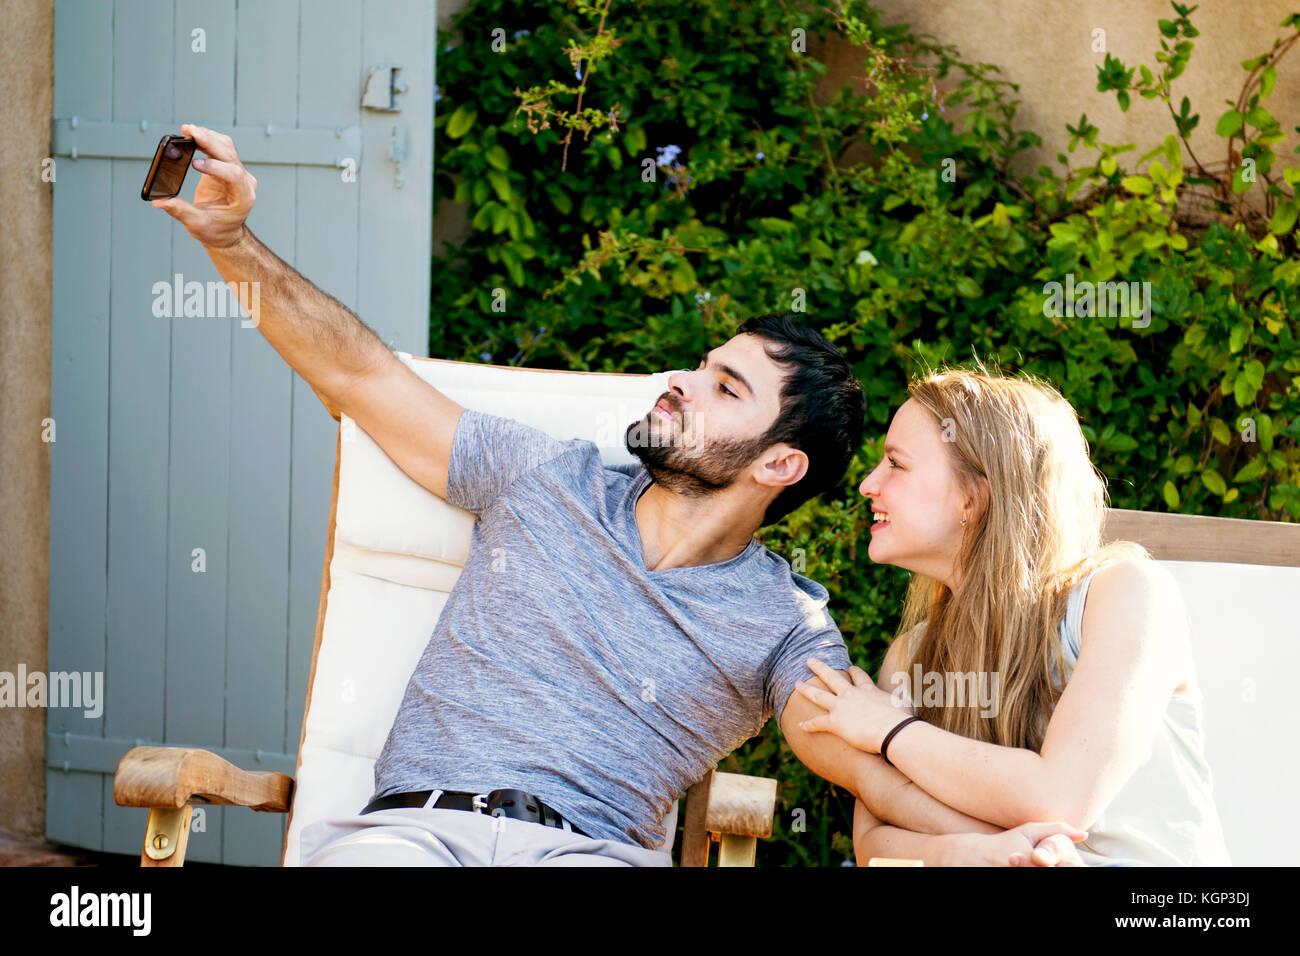 Pareja joven teniendo selfies Imagen De Stock